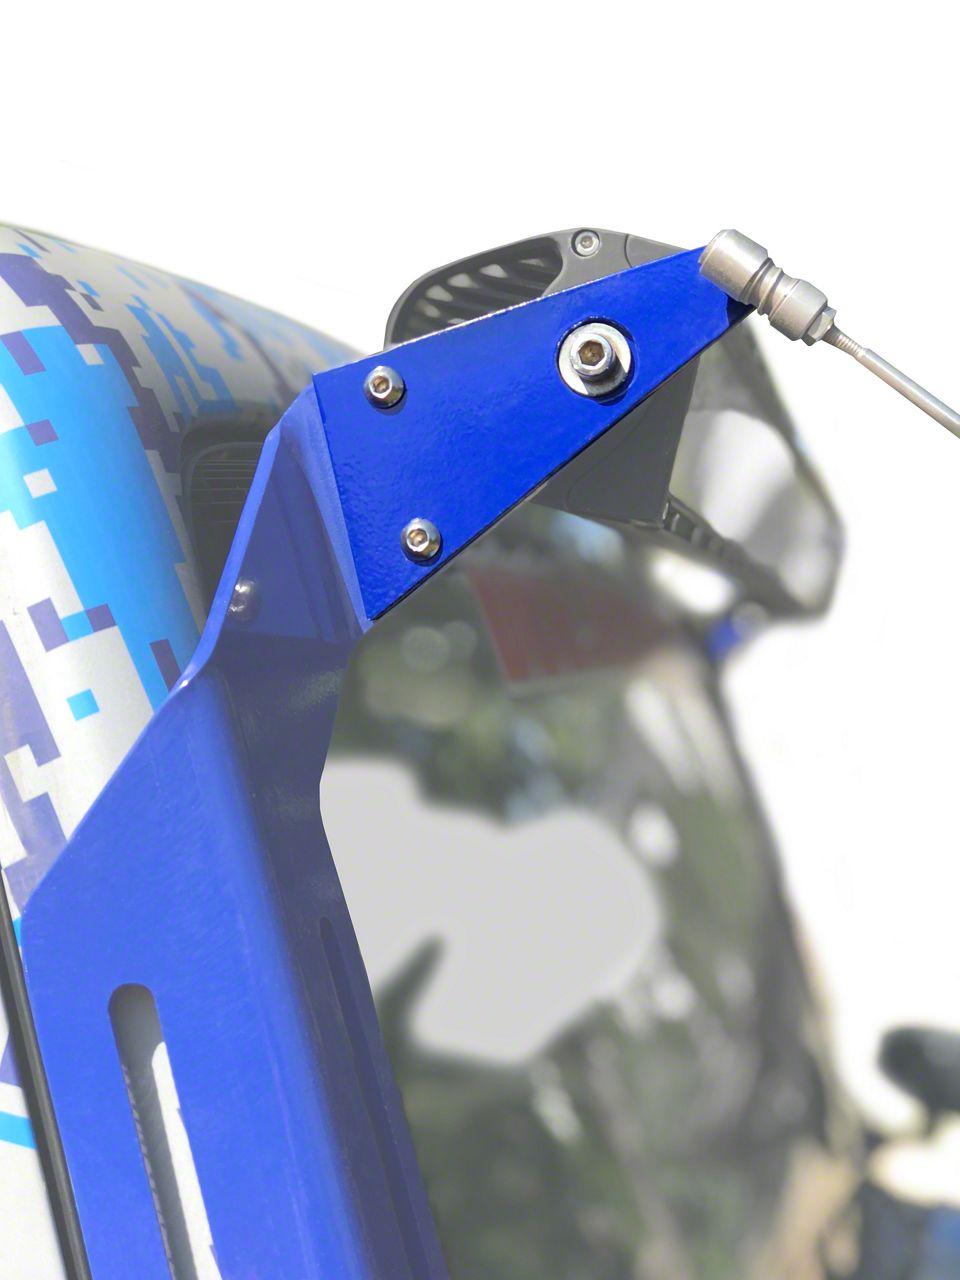 Steinjager A-Pillar Limb Riser Adaptor Brackets - Southwest Blue (07-18 Jeep Wrangler JK)